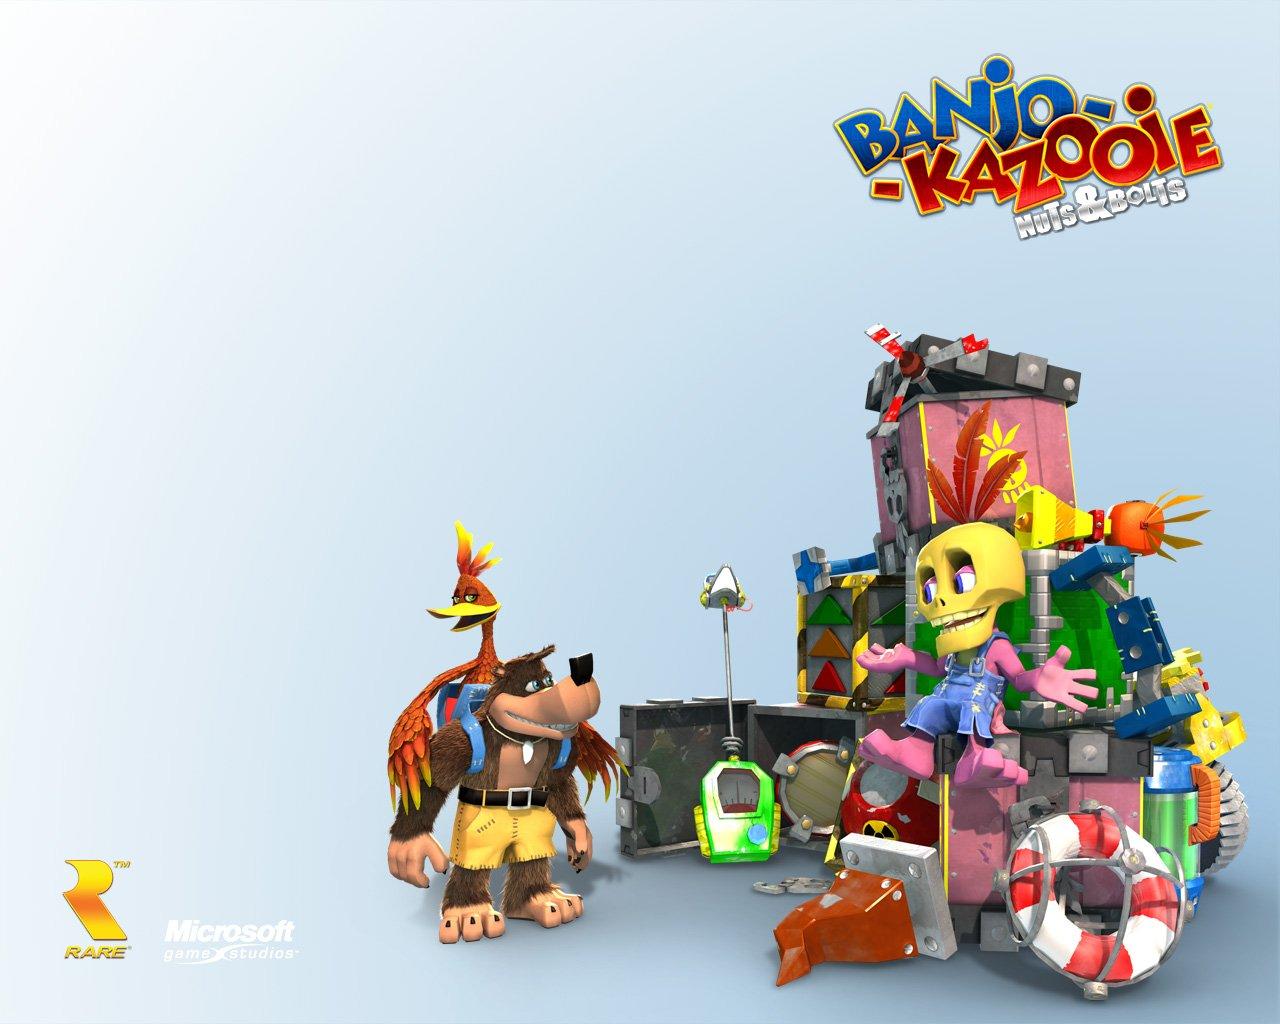 Ветераны Rare объявили о разработке духовного наследника Banjo-Kazooie . - Изображение 2